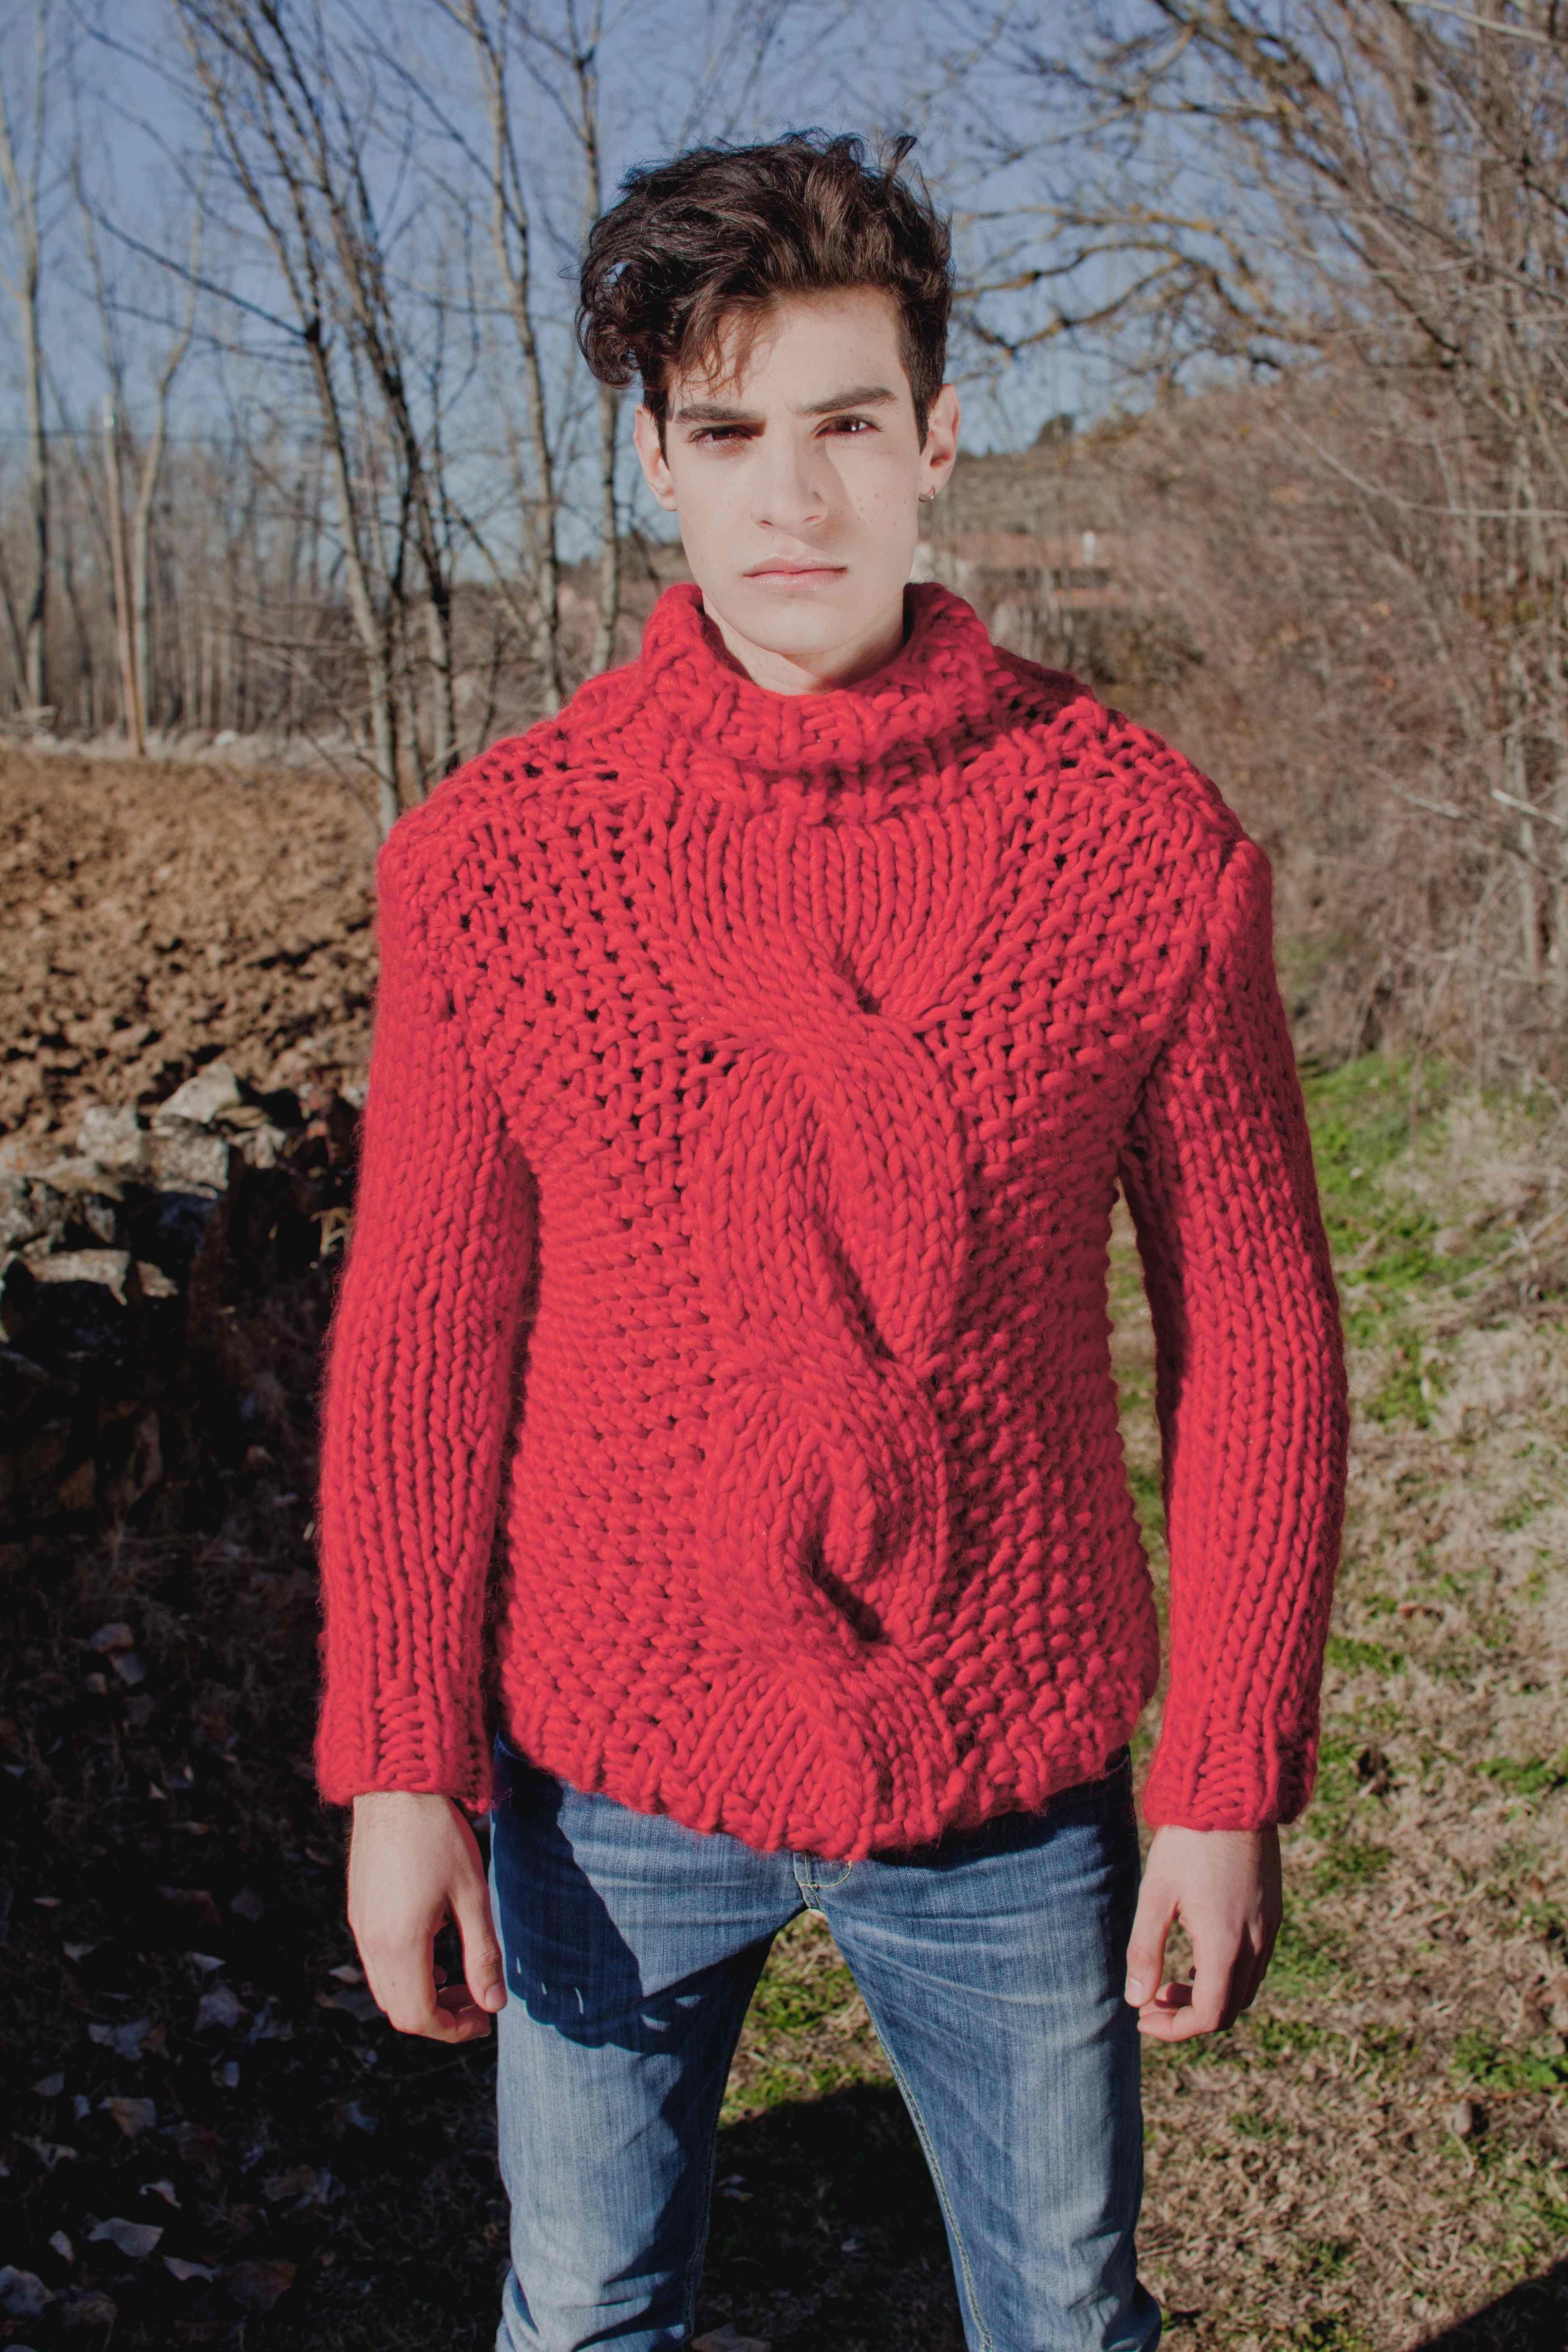 Schoener Stricken De illusion sweater strickset um sich dieses schöne modell selber zu